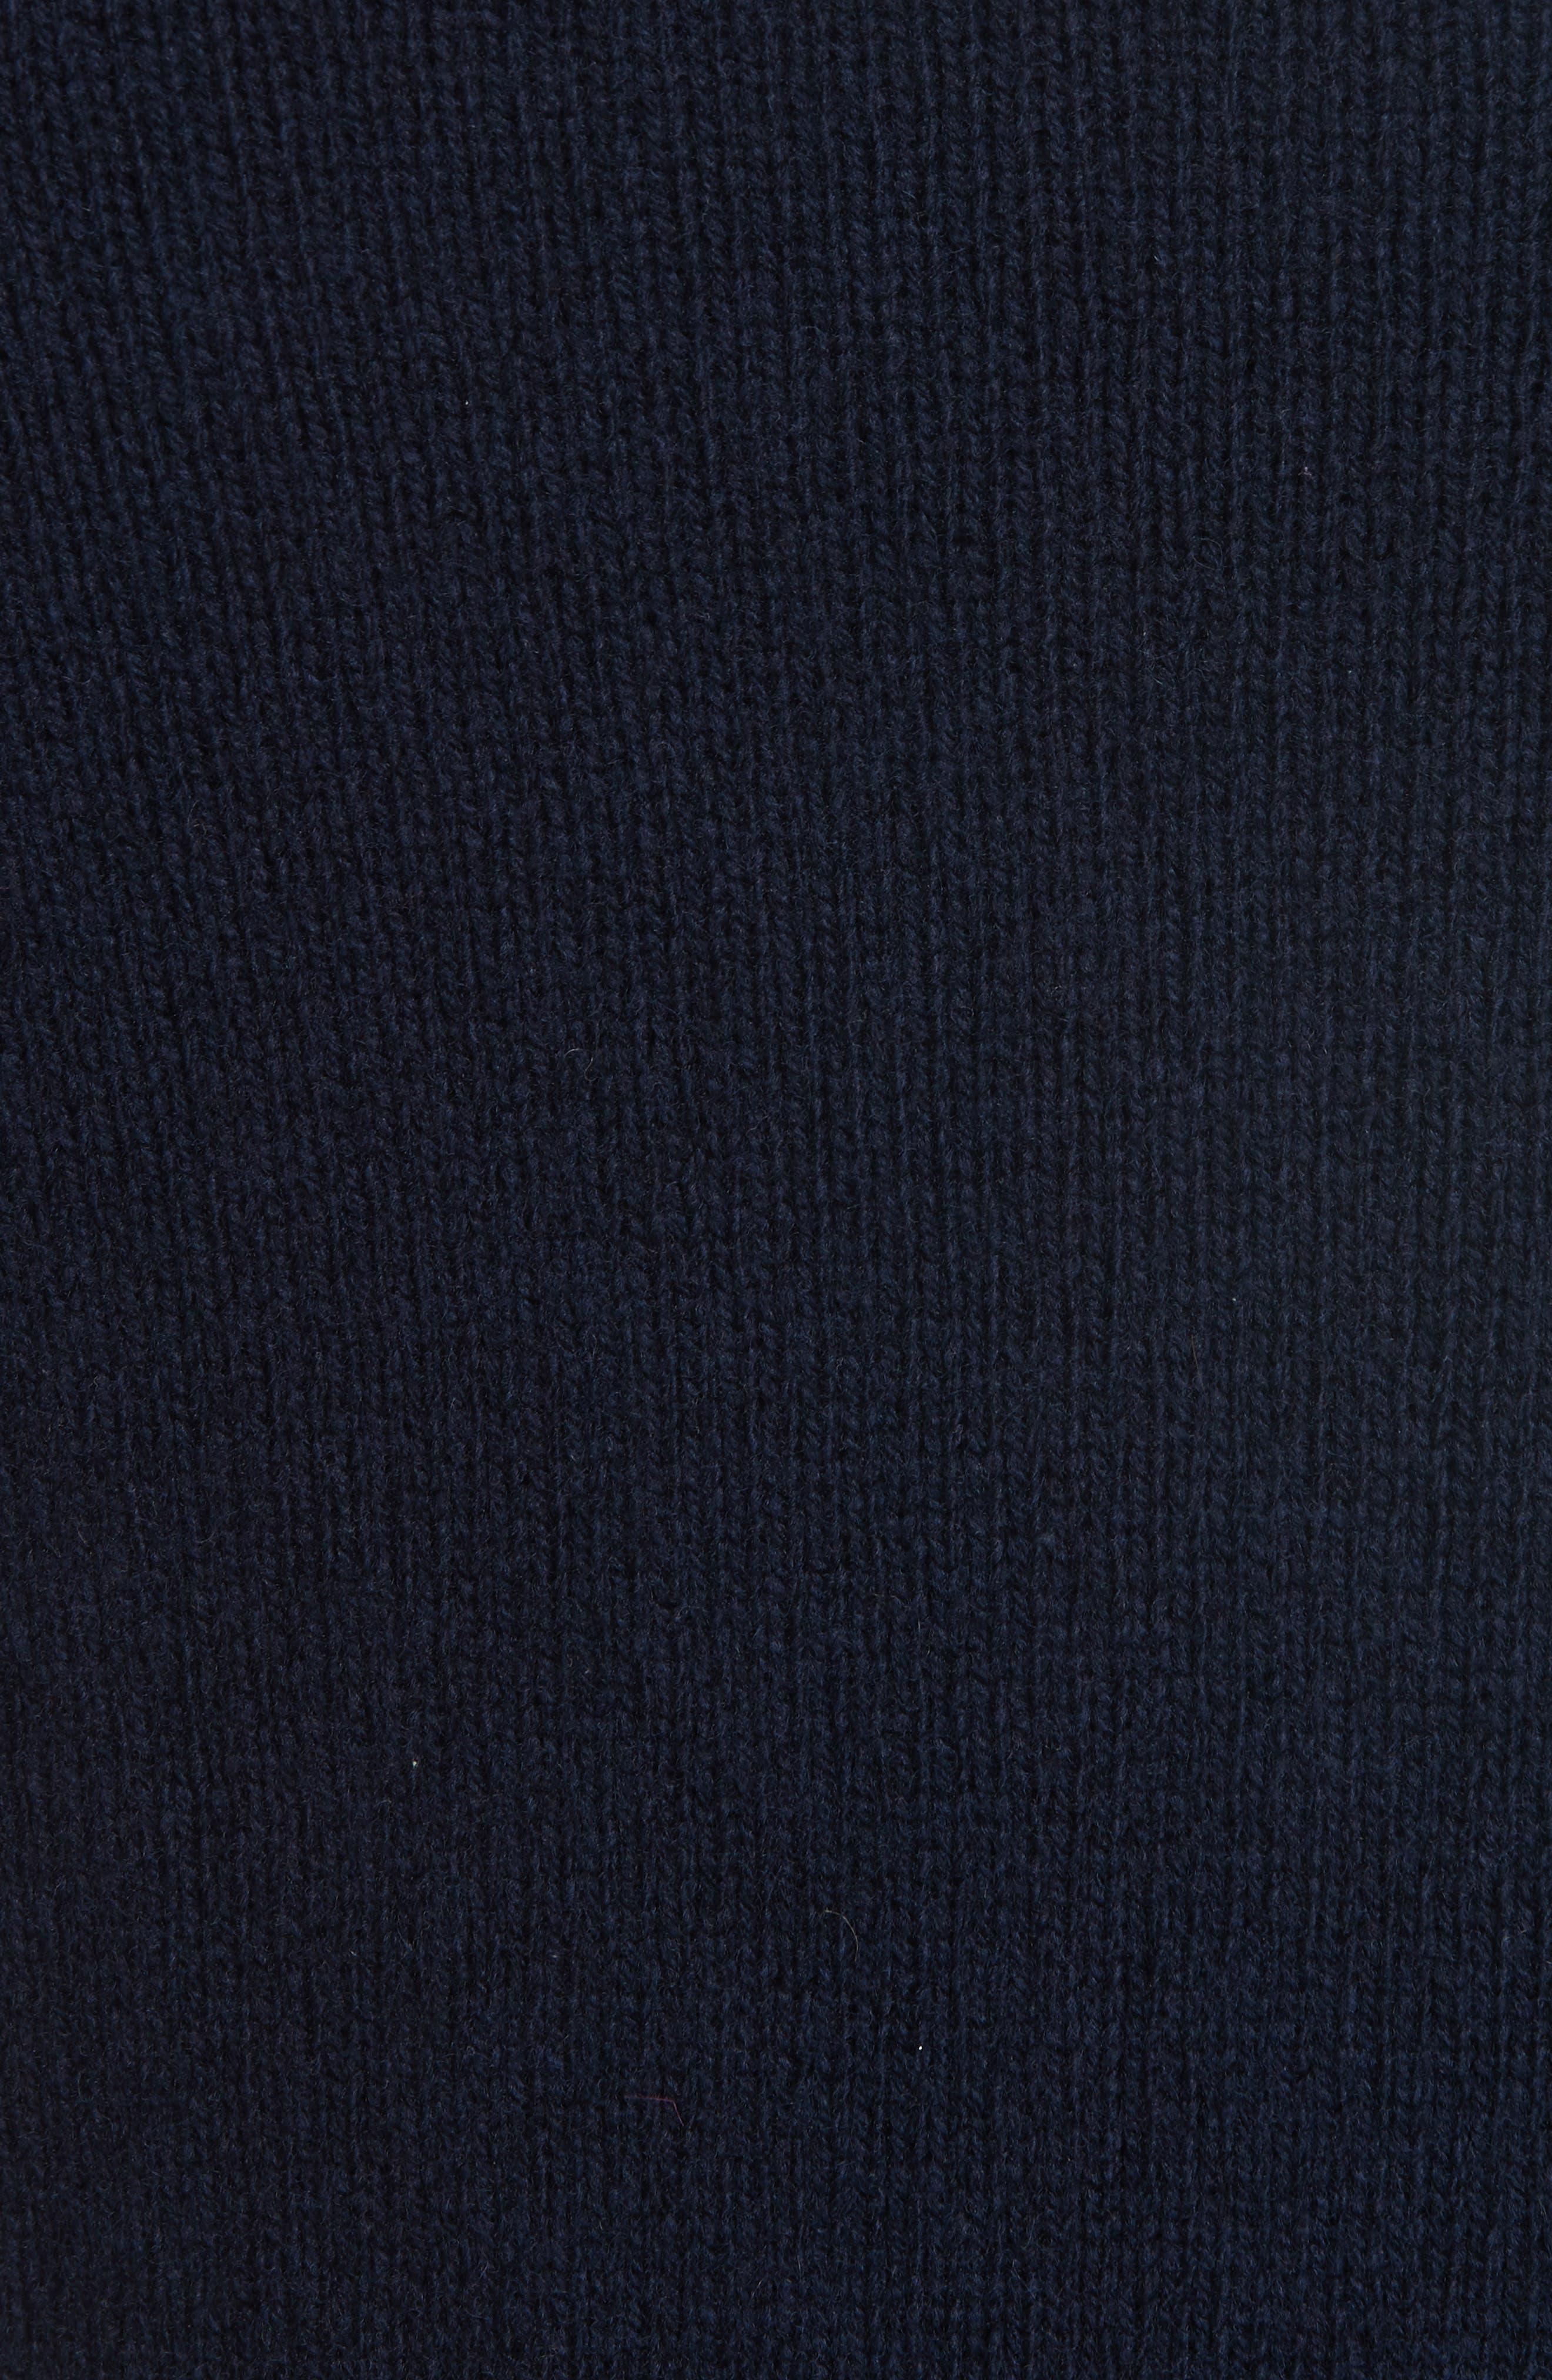 Officine Générale Wool Crewneck Sweater,                             Alternate thumbnail 5, color,                             410